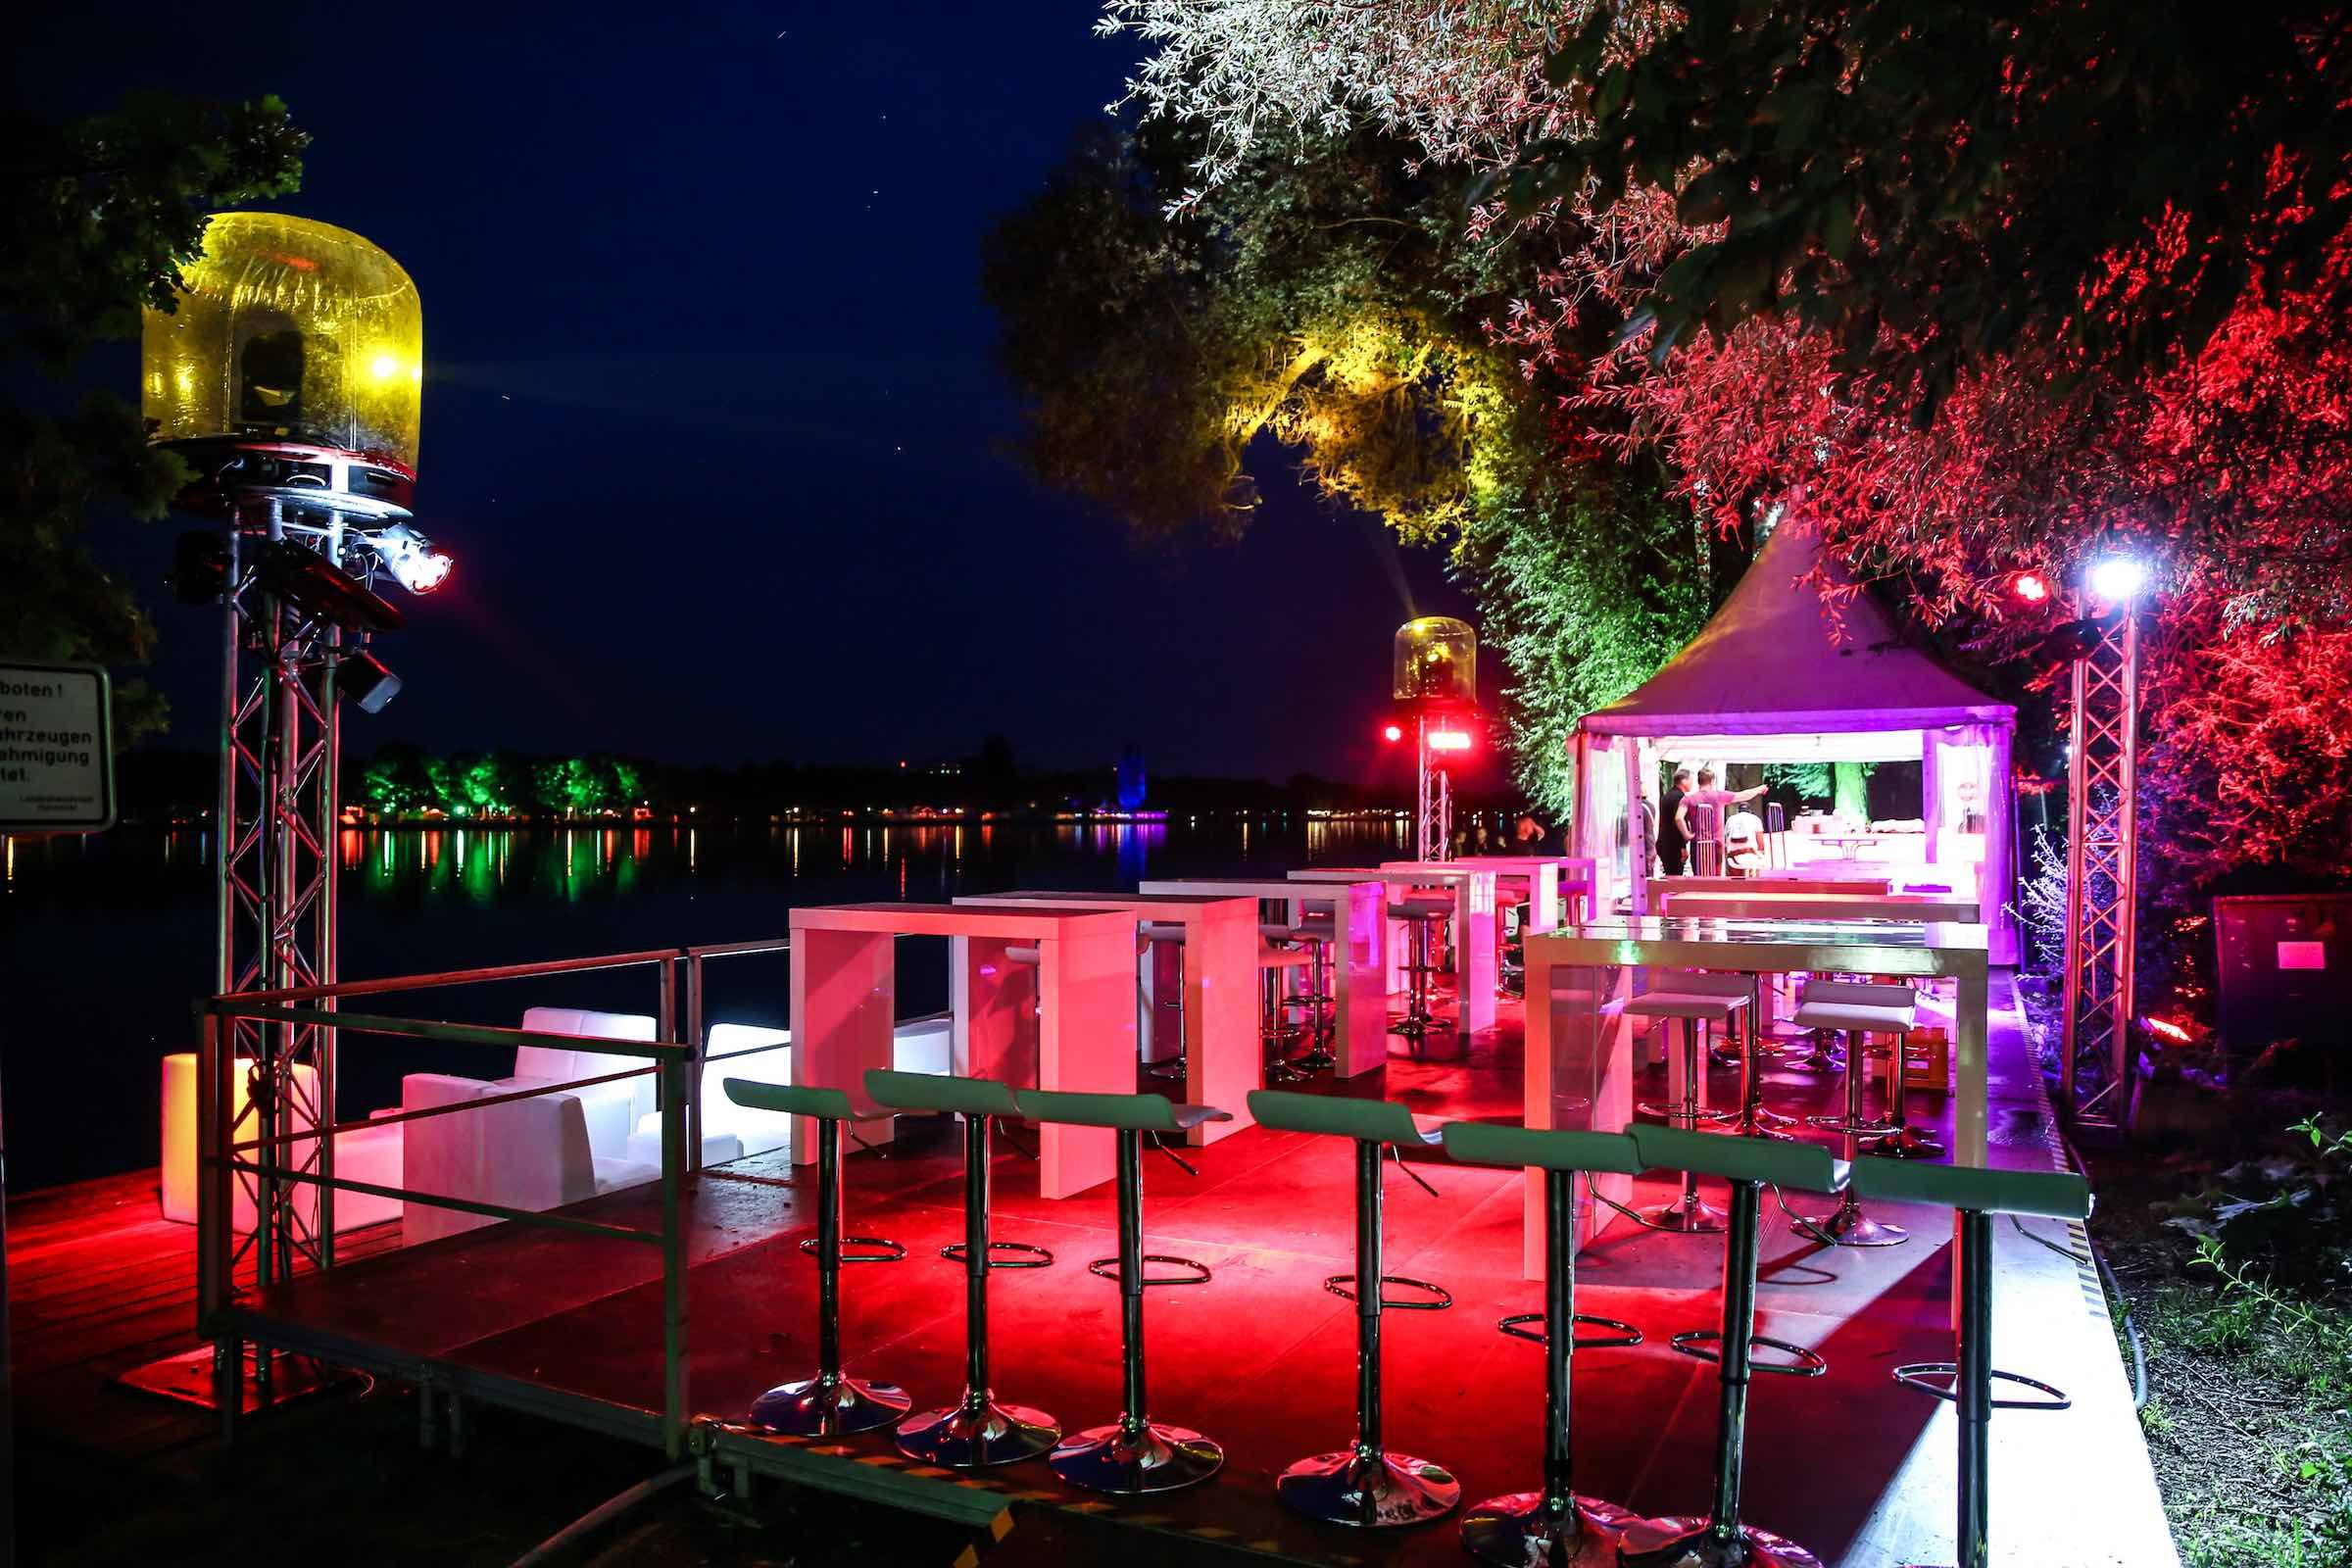 Lichttechnik | Outdoor | Veranstaltungstechnik | Hannover | Lehmann | Eventservice | Lichttechnik | Illumination | Veranstaltungstechnik | Firmenkunden | Event | Mieten | Buchen